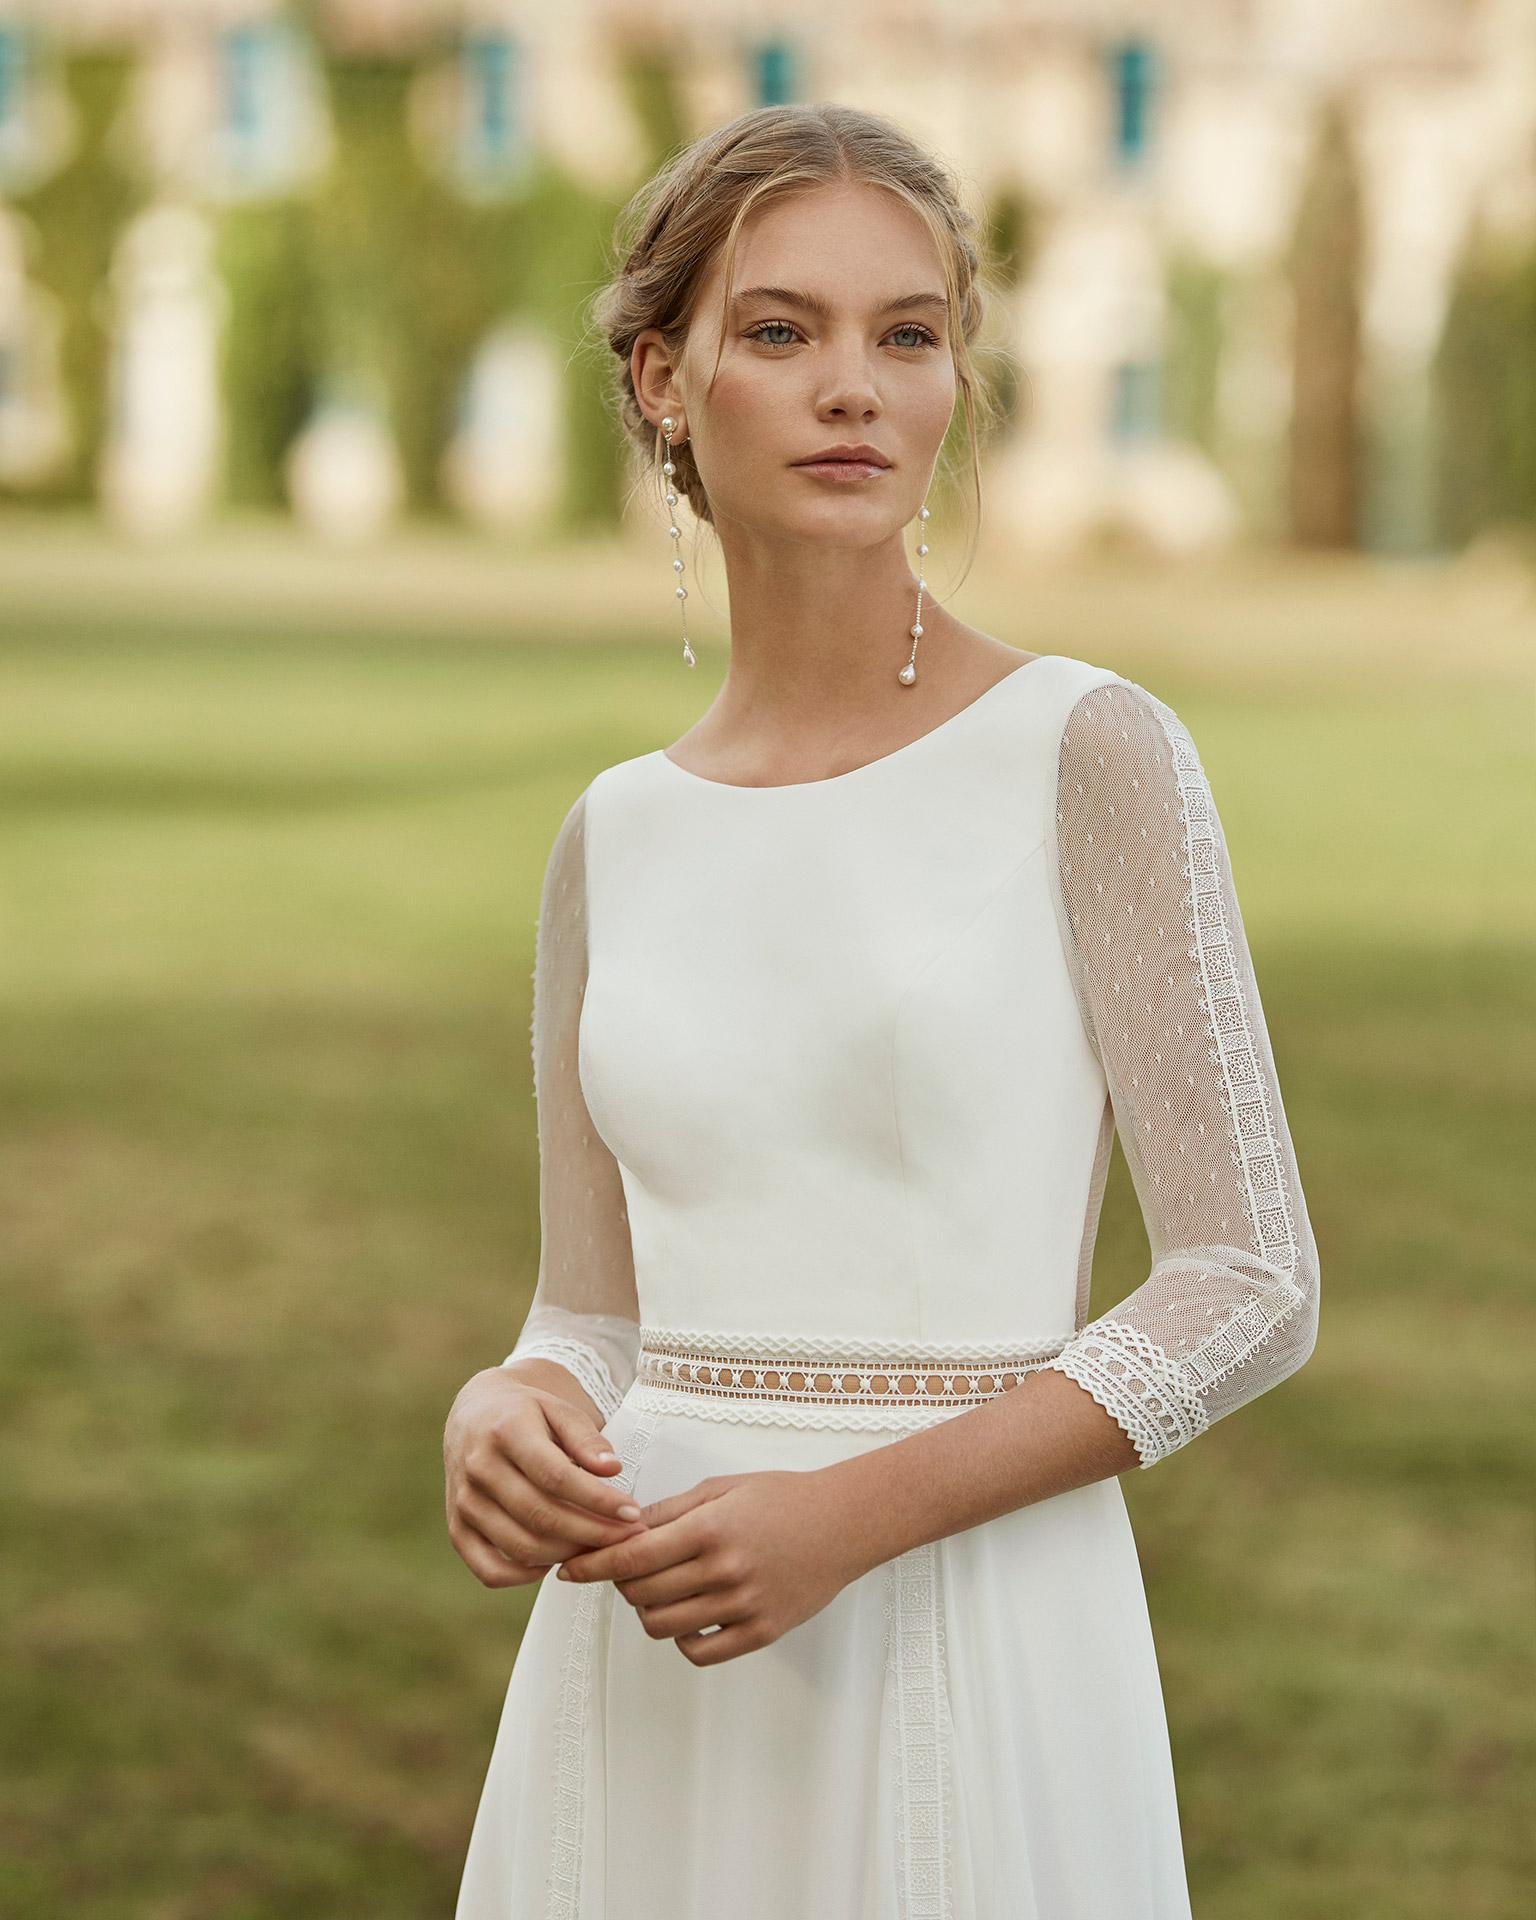 Vestido de novia de gasa. Escote barco , manga tres cuartos de tul plumeti y encaje y espalda en V. Colección ALMANOVIA 2021.